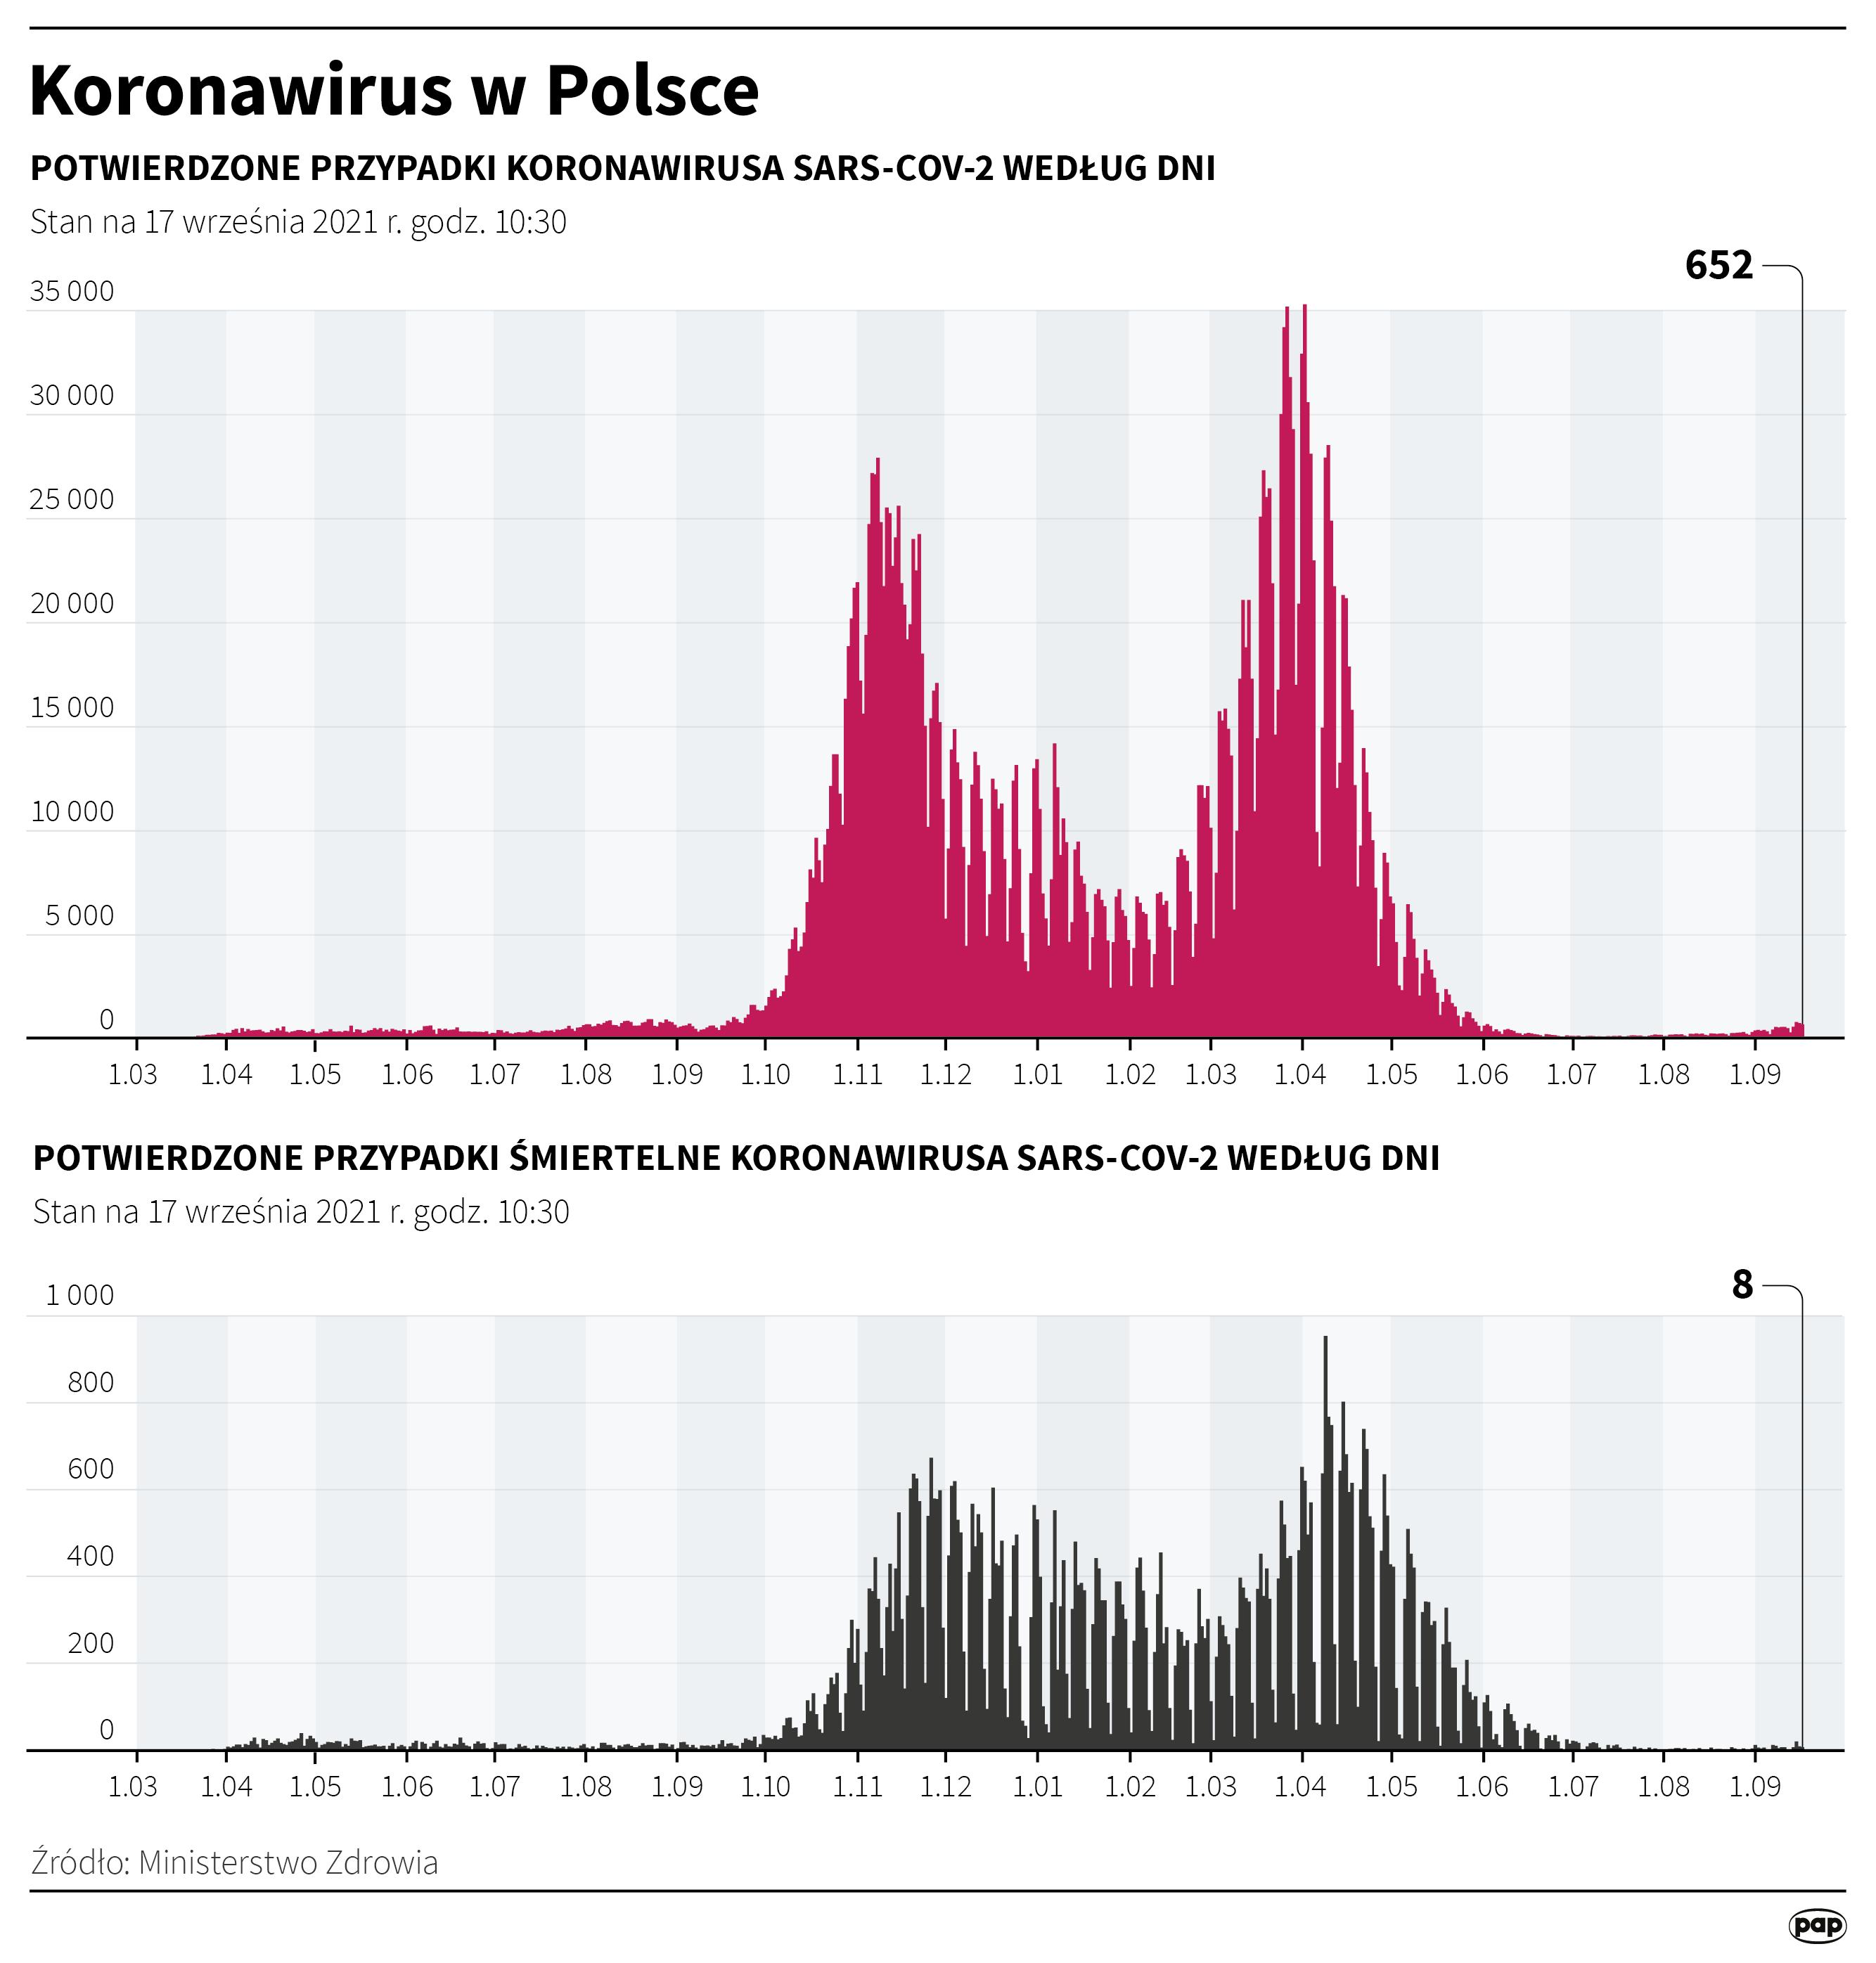 Koronawirus w Polsce - stan na 17 września [Autor: Maciej Zieliński, źródło: PAP]